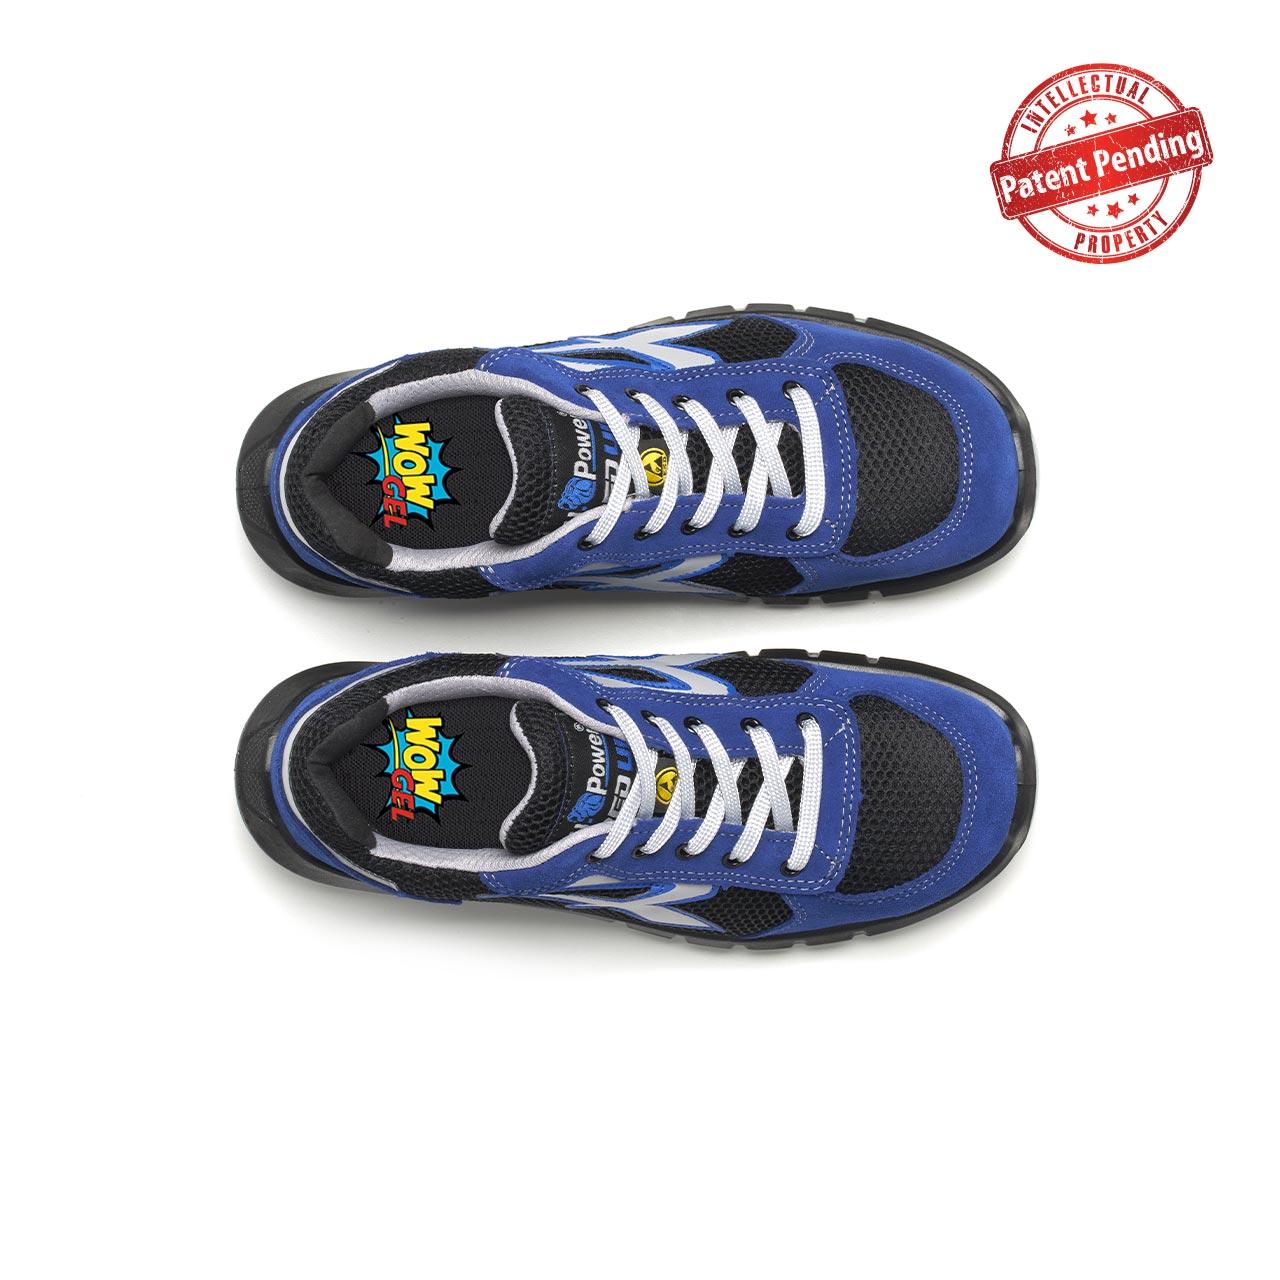 paio di scarpe antinfortunistiche upower modello sky plus linea redup plus vista top